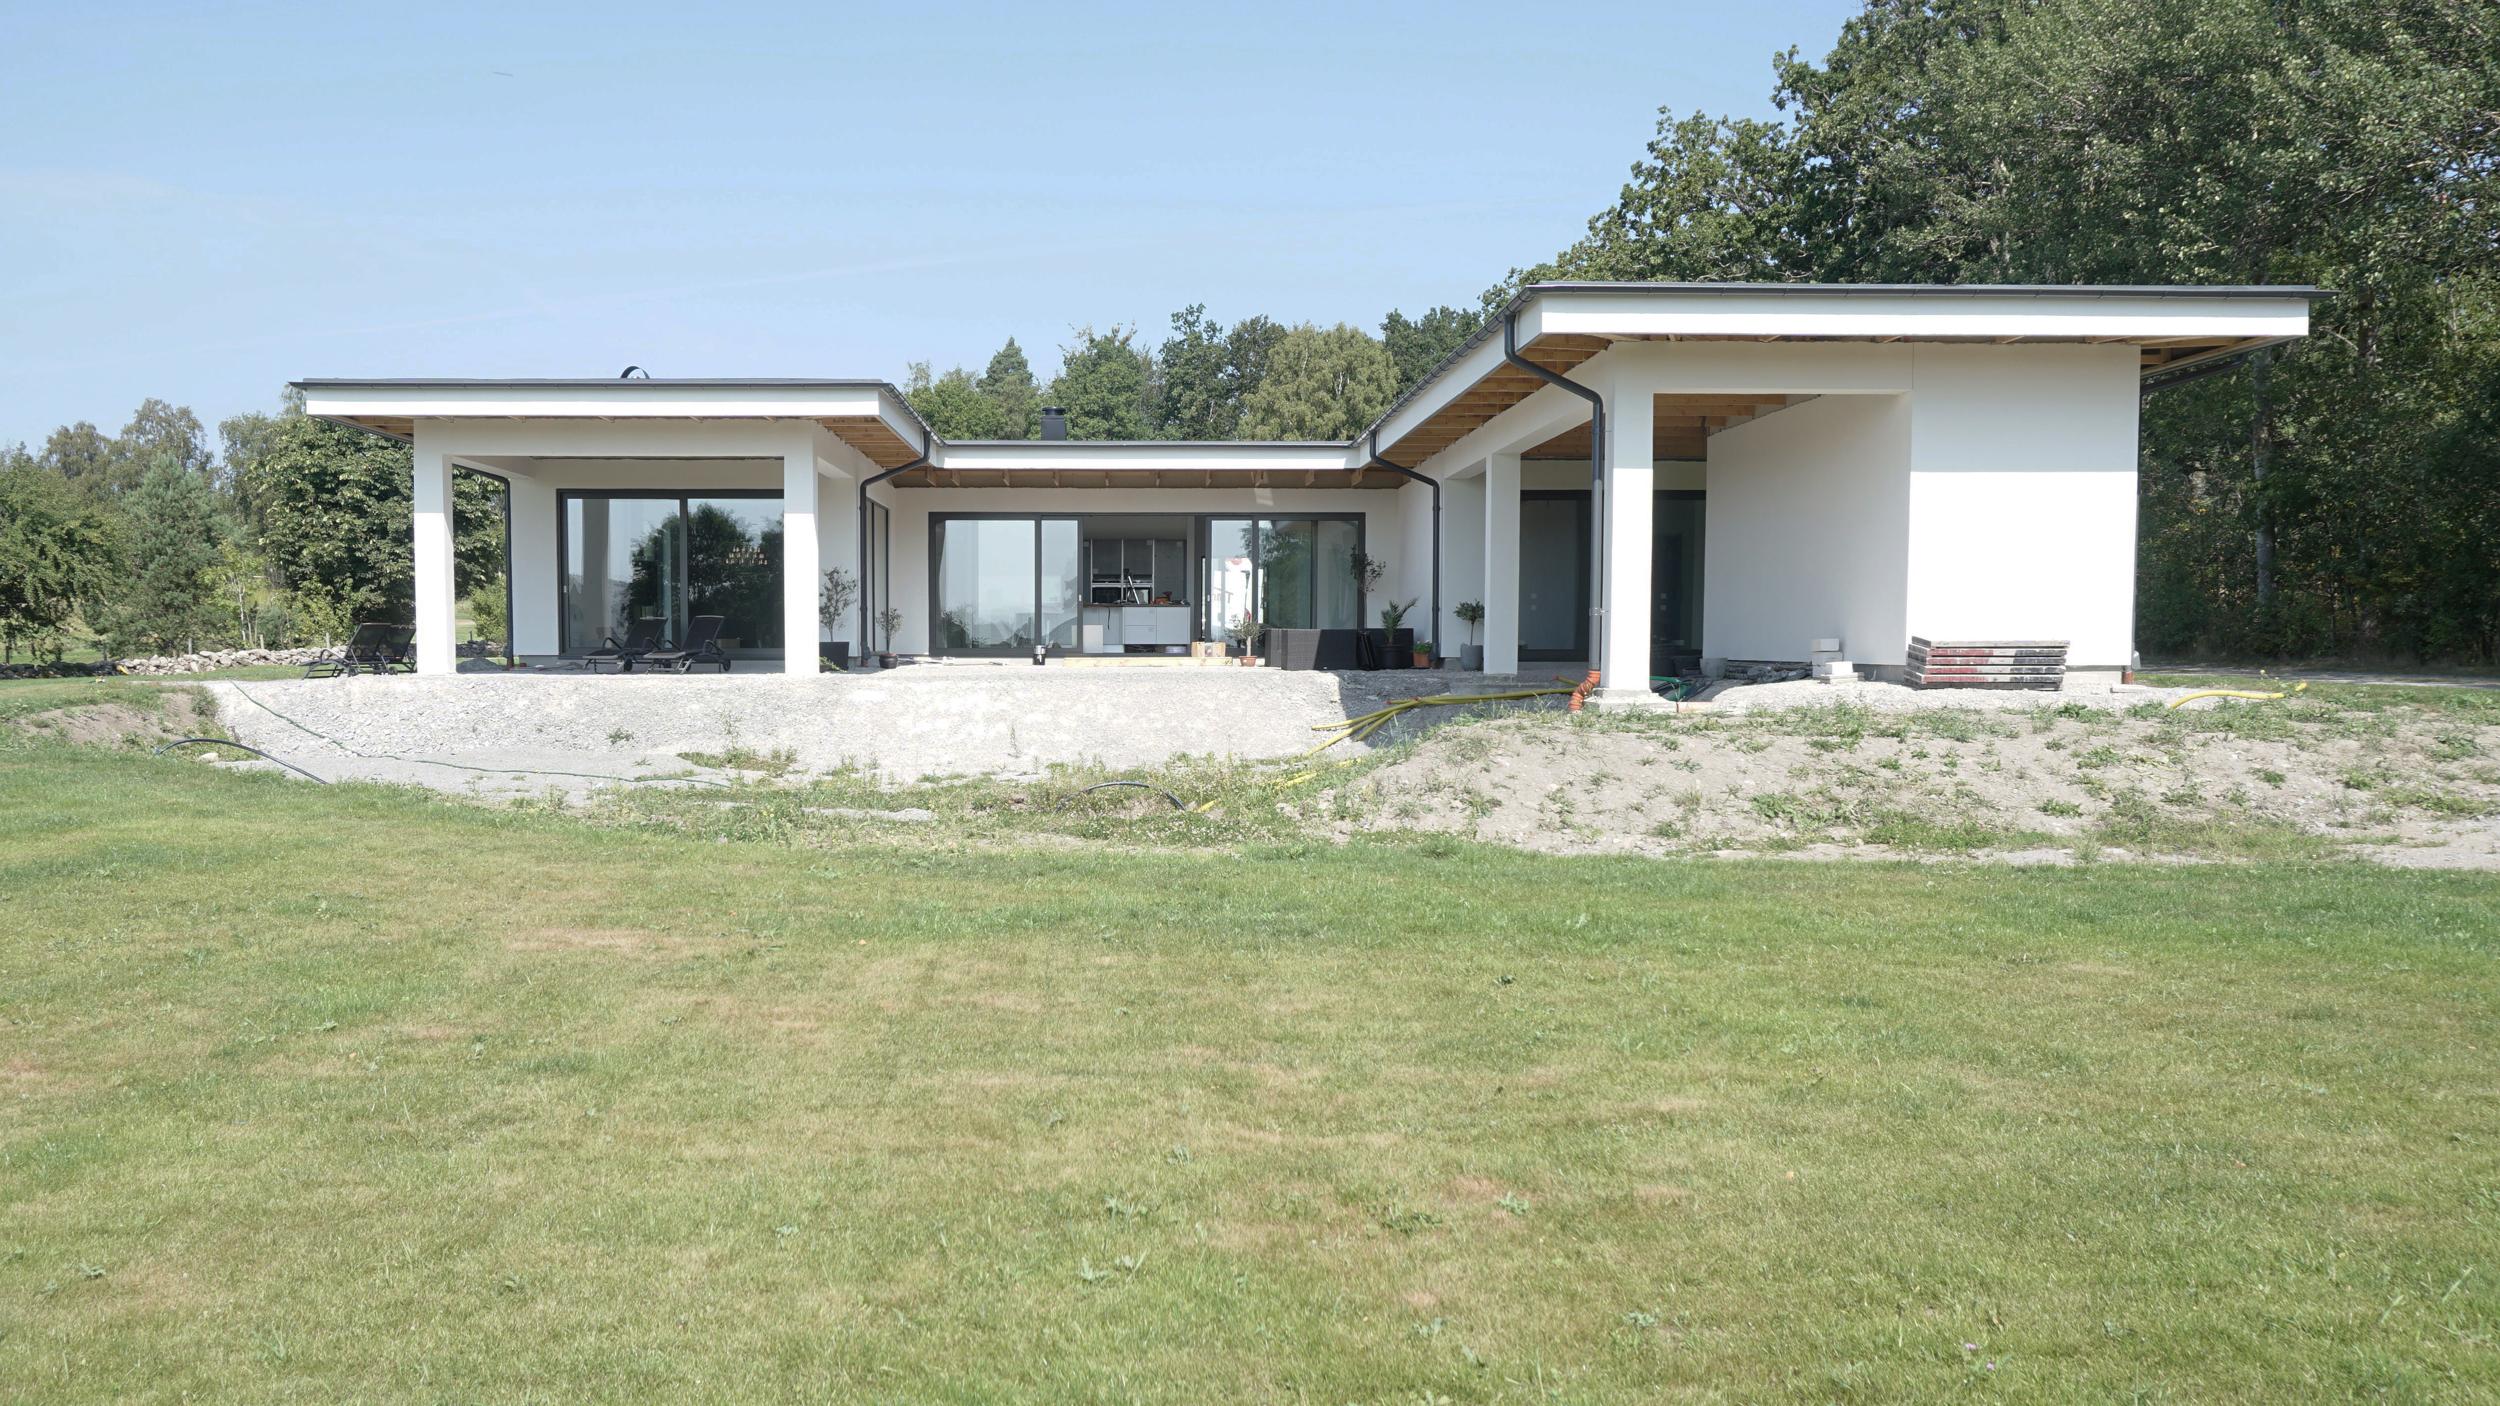 Arkitektritad villa av lättebetong